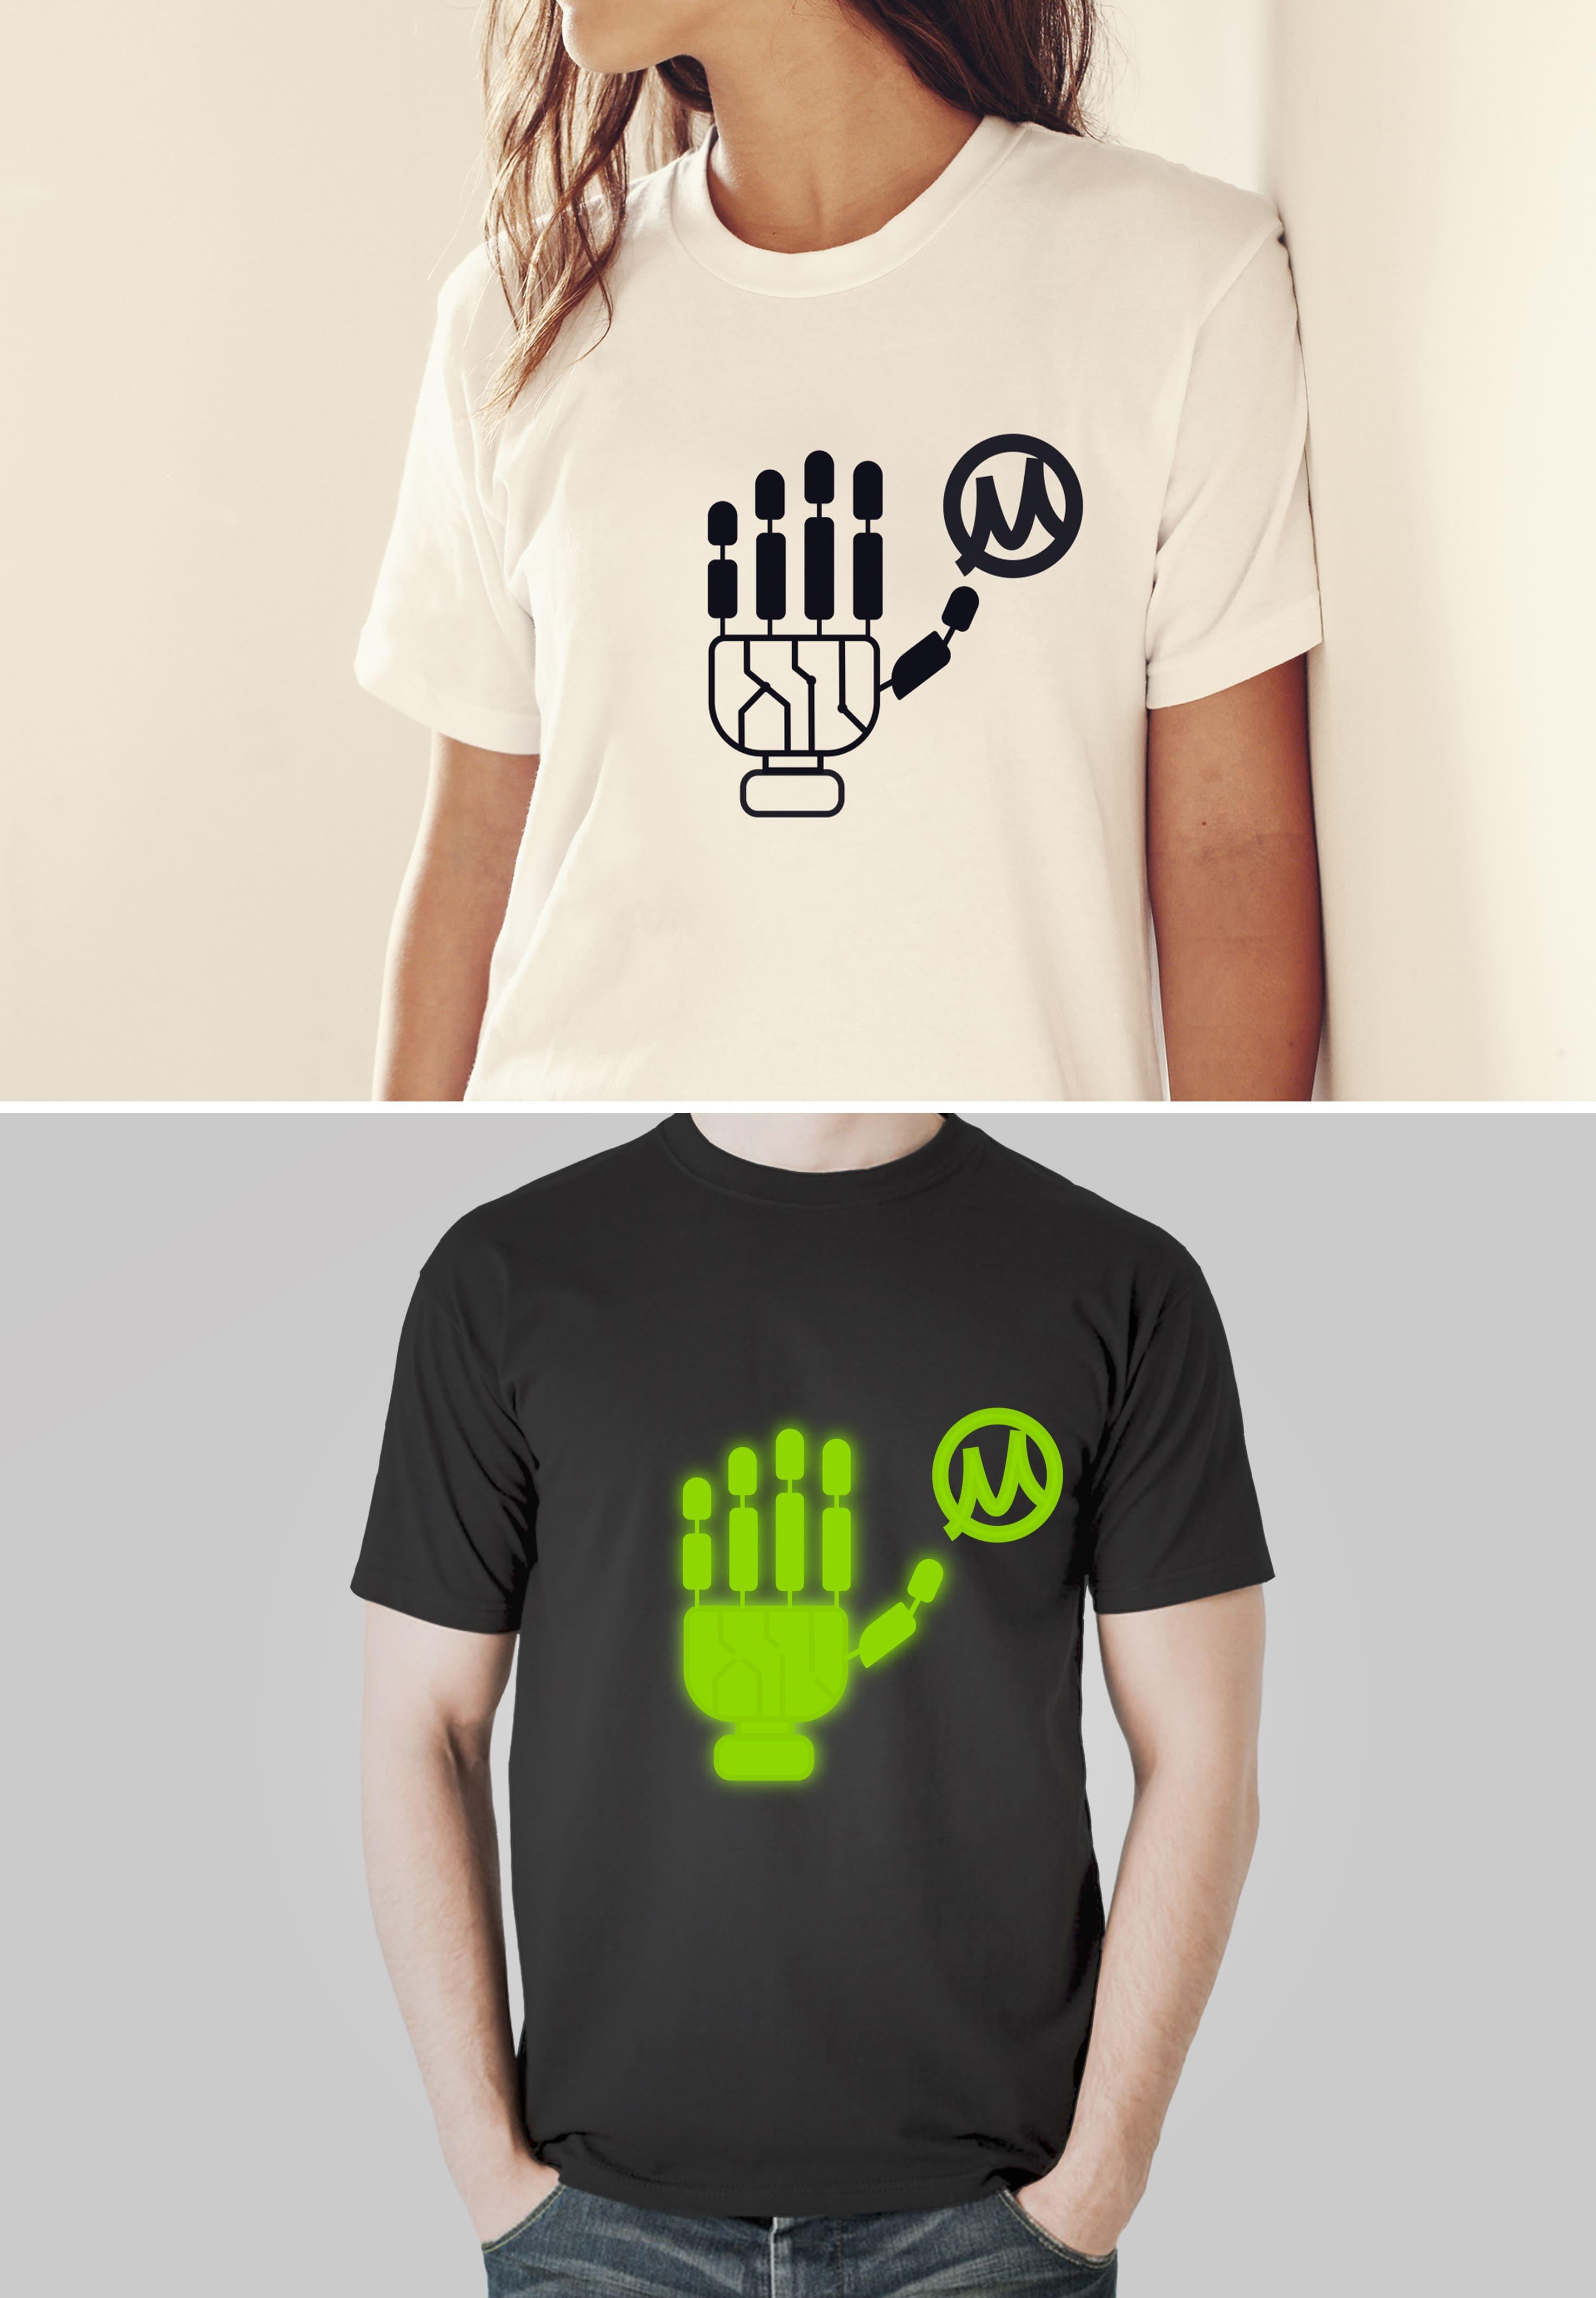 Нарисовать принты на футболки для компании Моторика фото f_60160a63d847383d.jpg